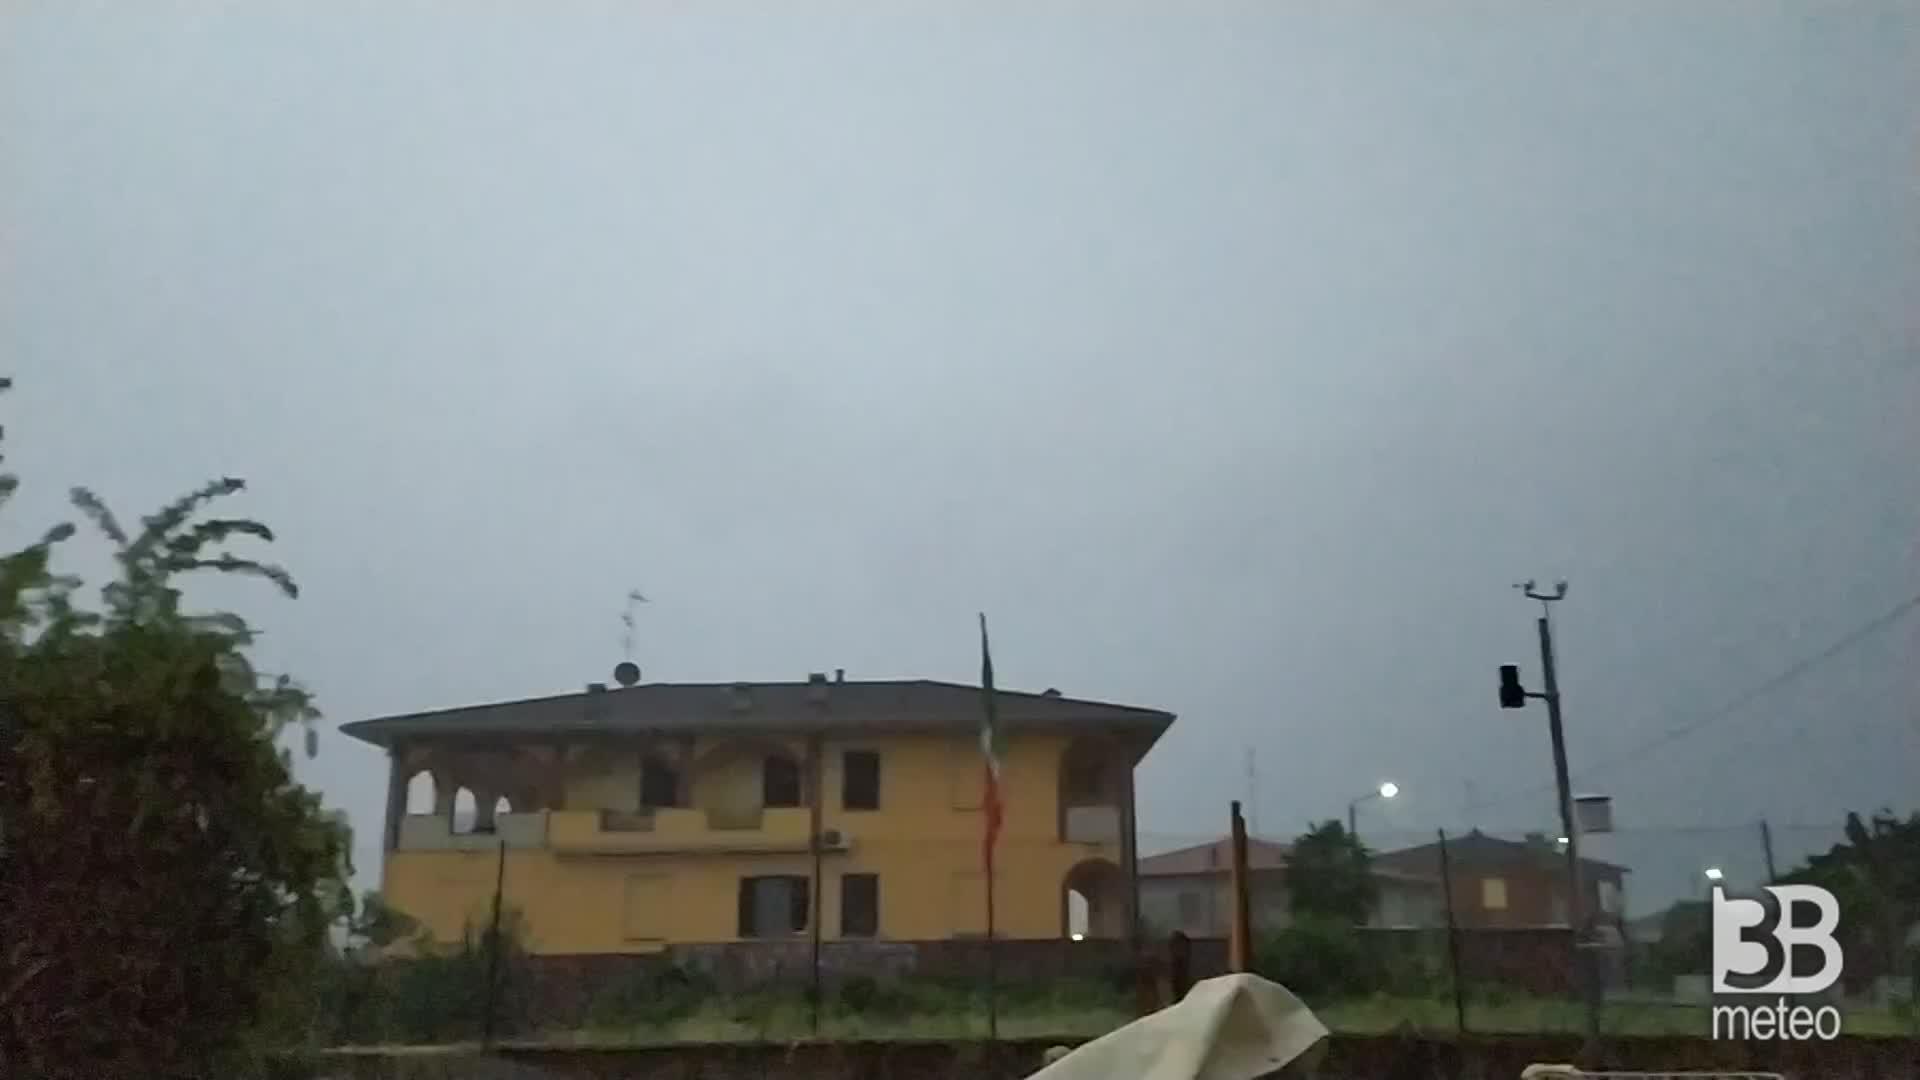 CRONACA METEO - Altre piogge abbondanti e temporali venerdì sera in Val Padana. La situazione intorno a Pavia - VIDEO